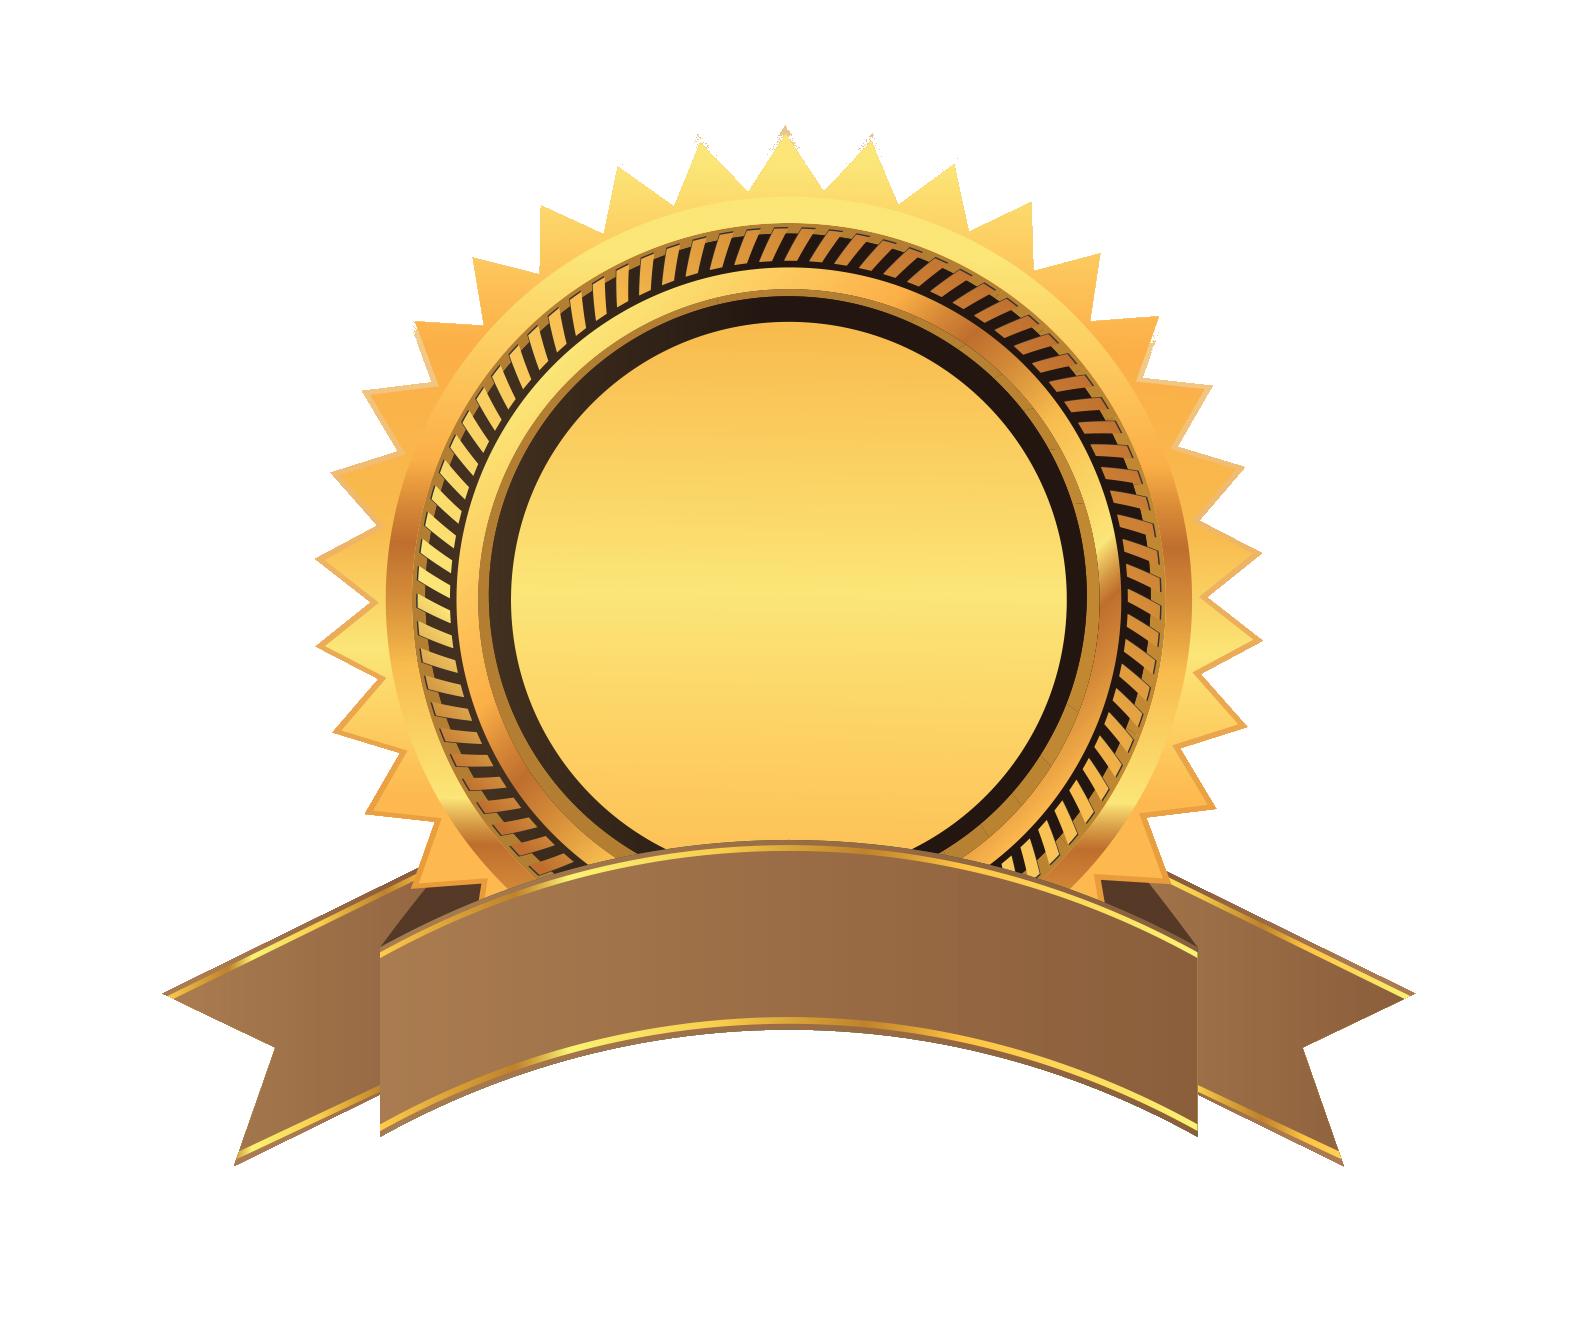 Award png images transparent. Awards clipart emblem